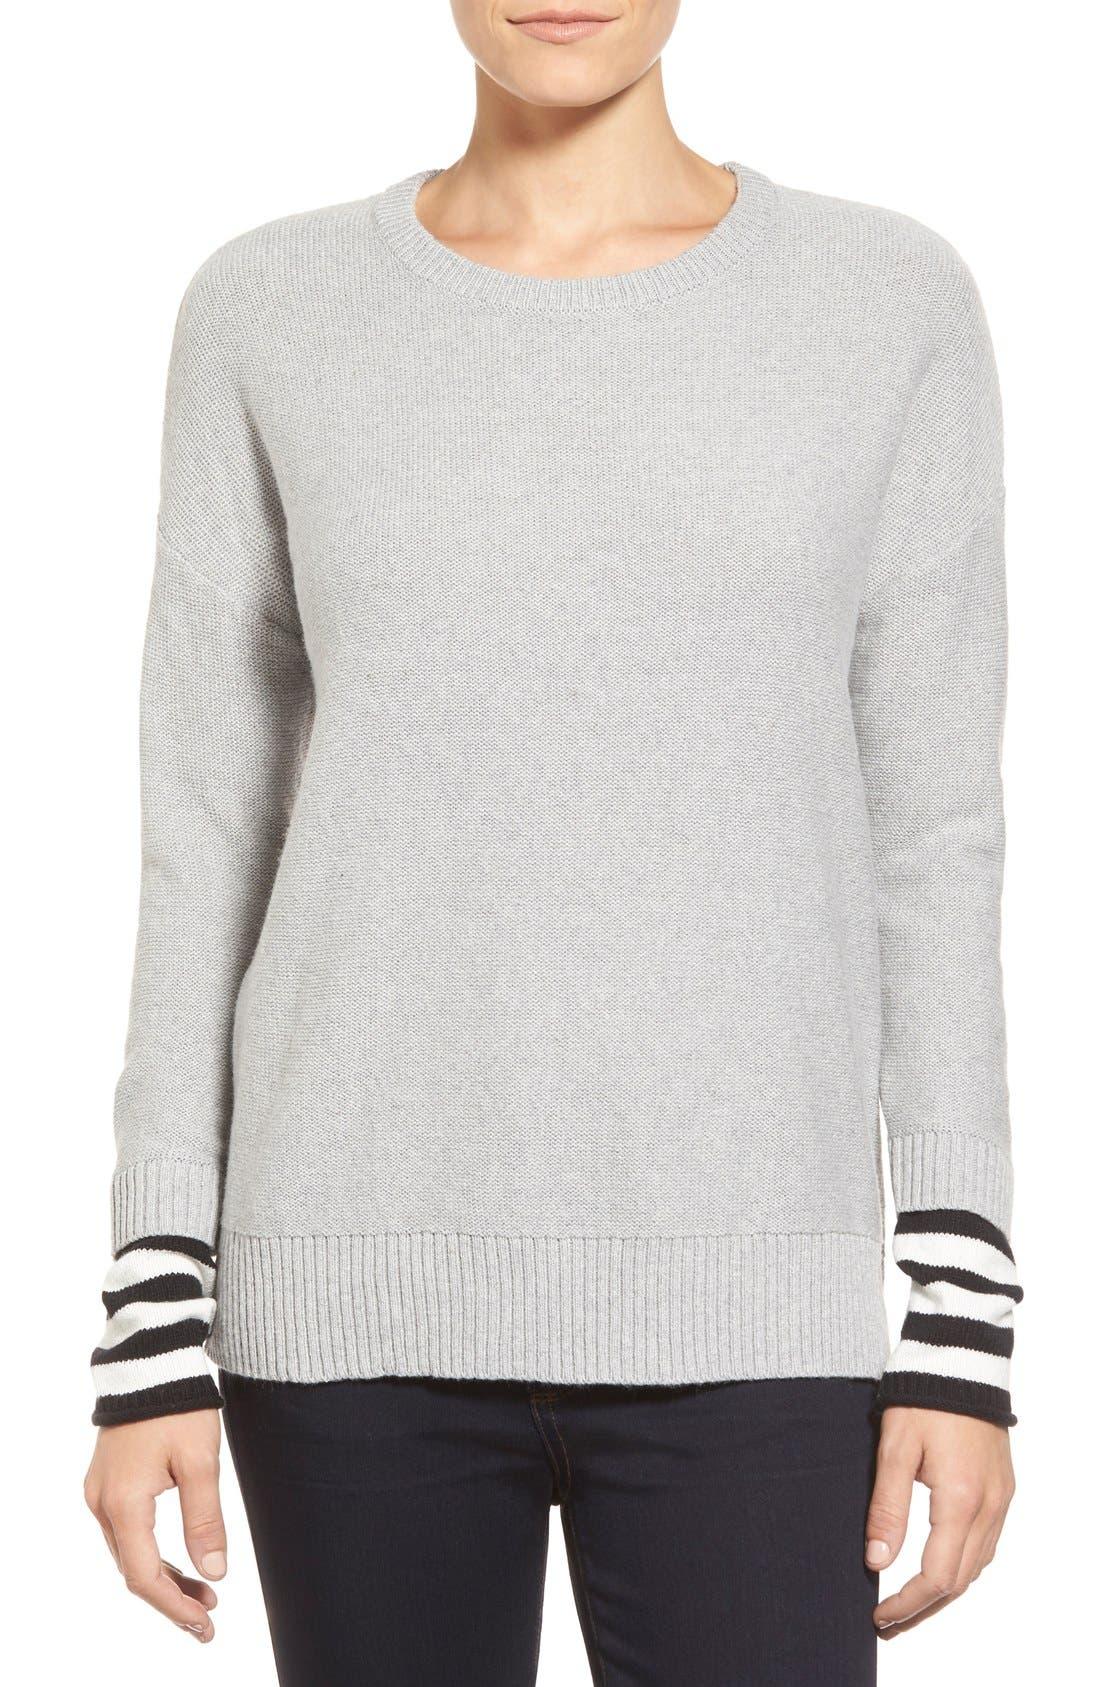 Alternate Image 1 Selected - Caslon® Contrast Cuff Crewneck Sweater (Regular & Petite)